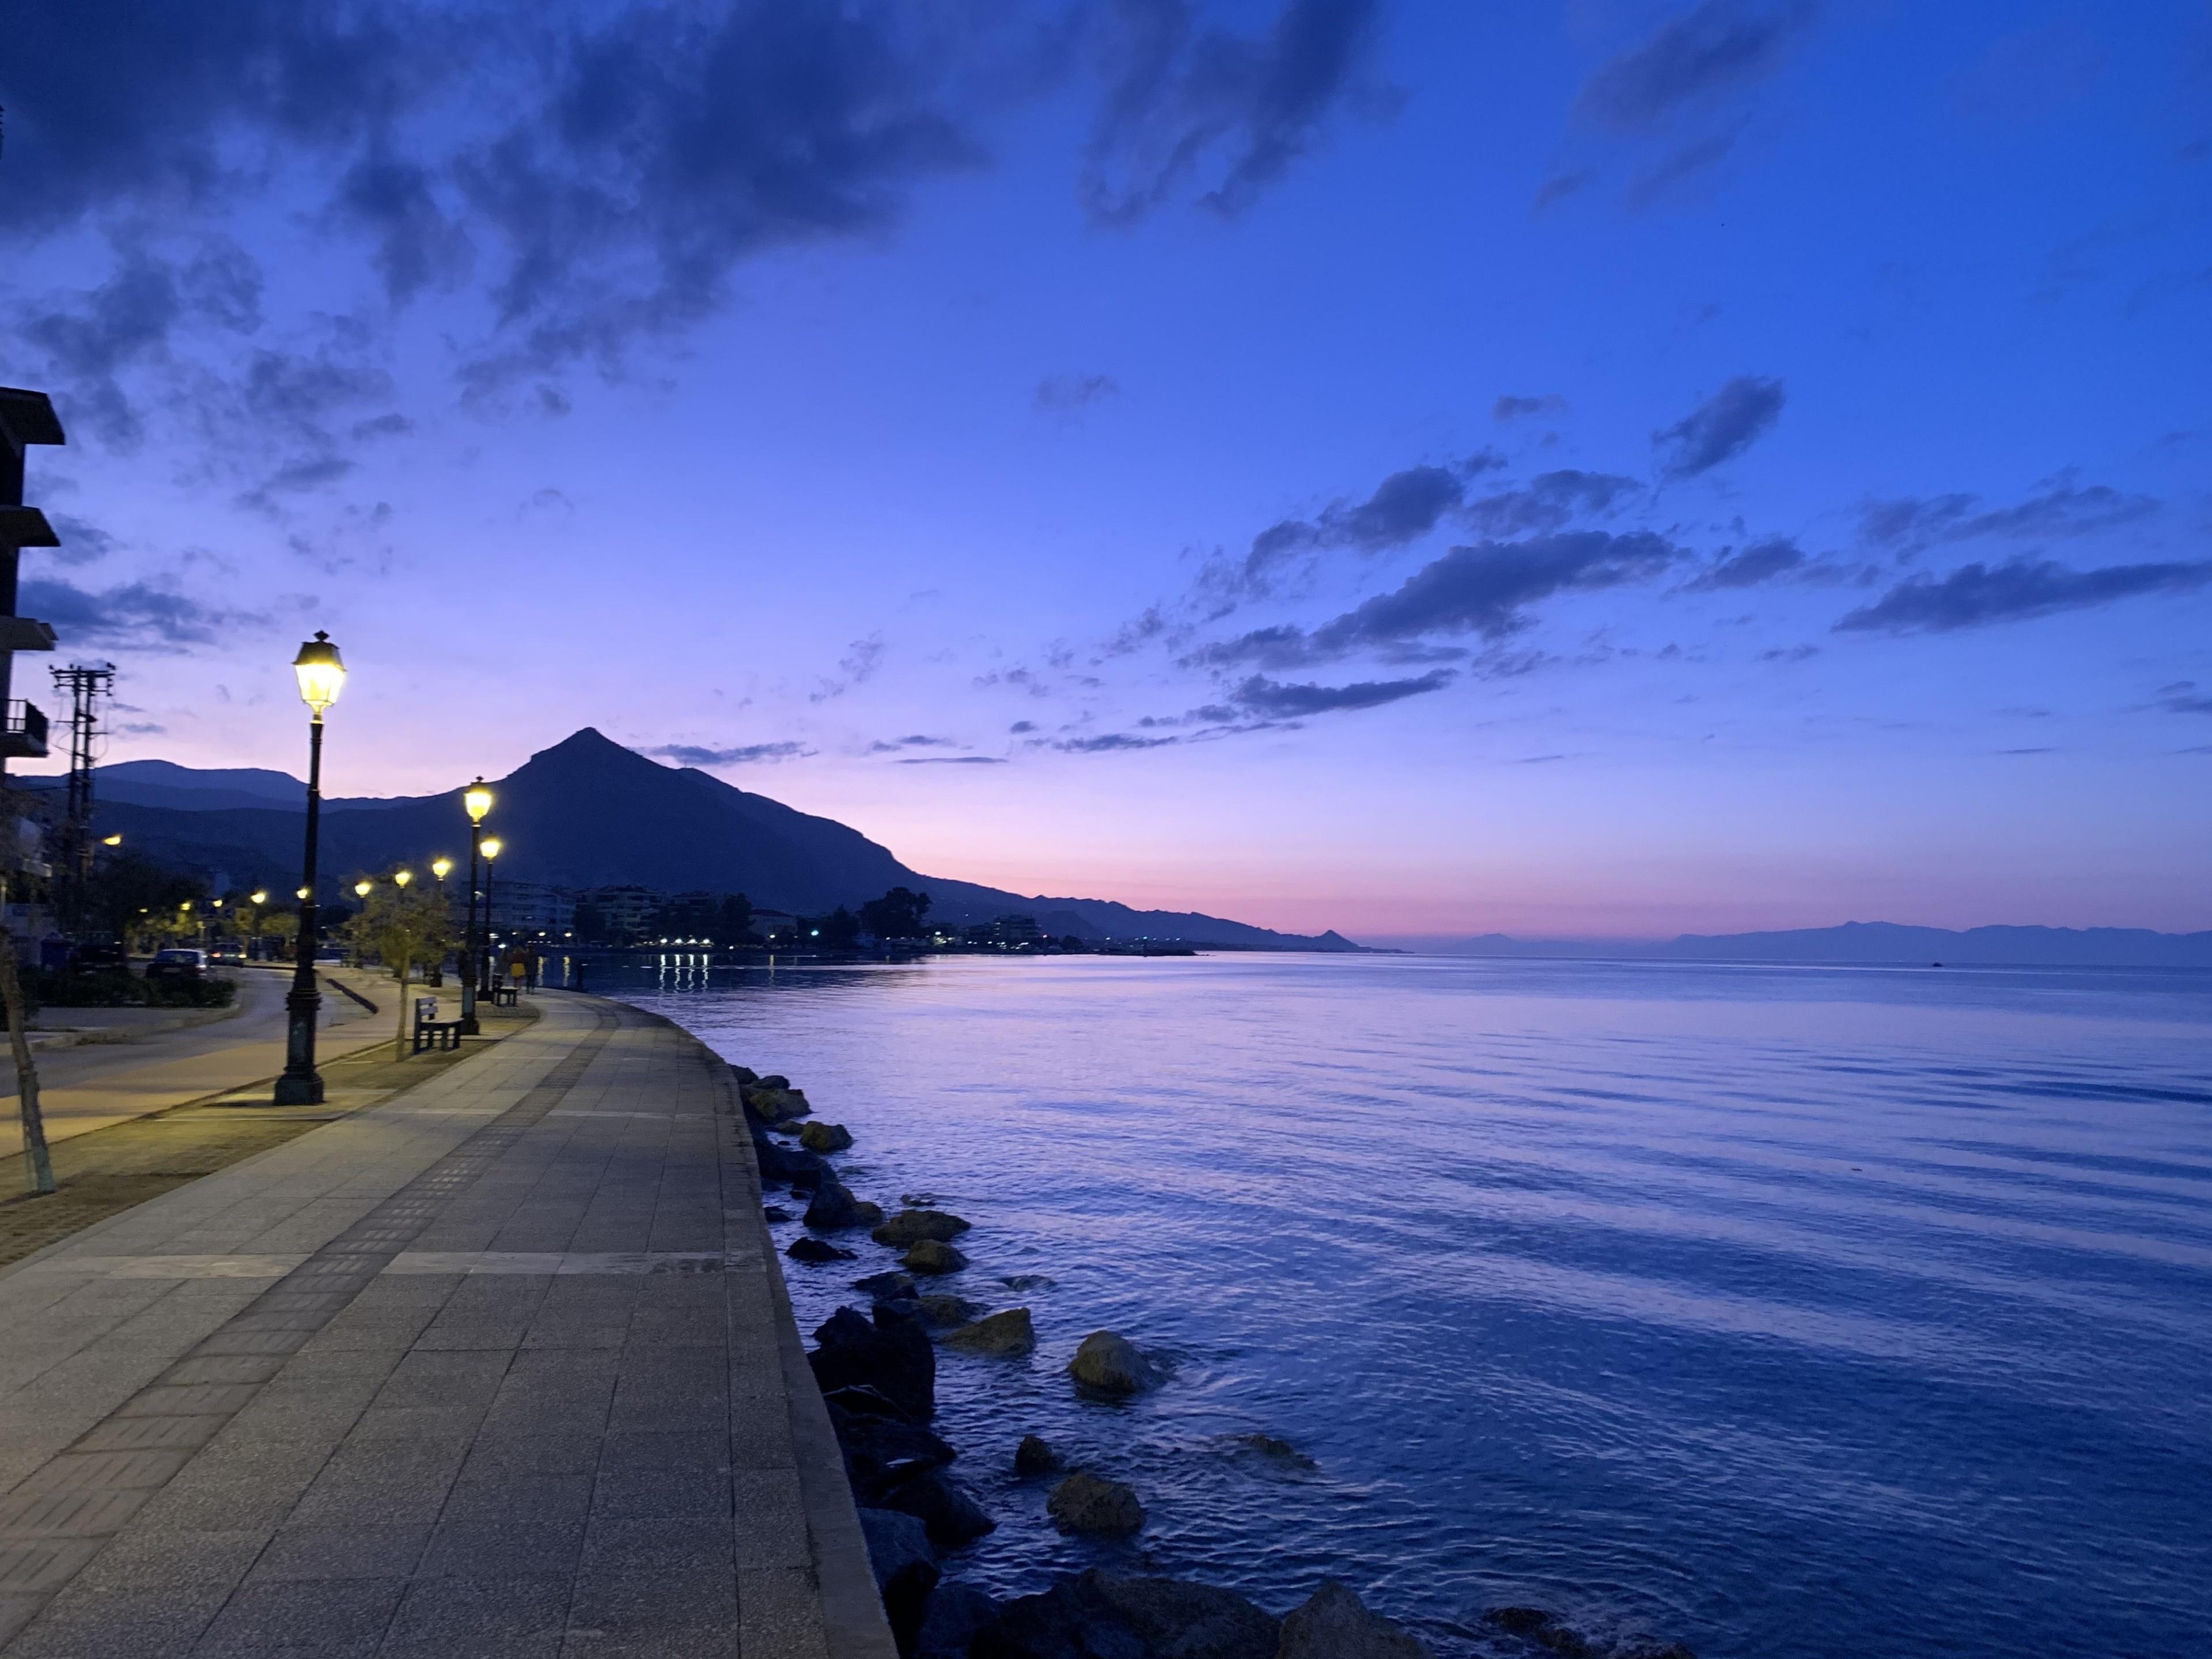 Xylokastro-Evrostina, Peloponnese, Greece